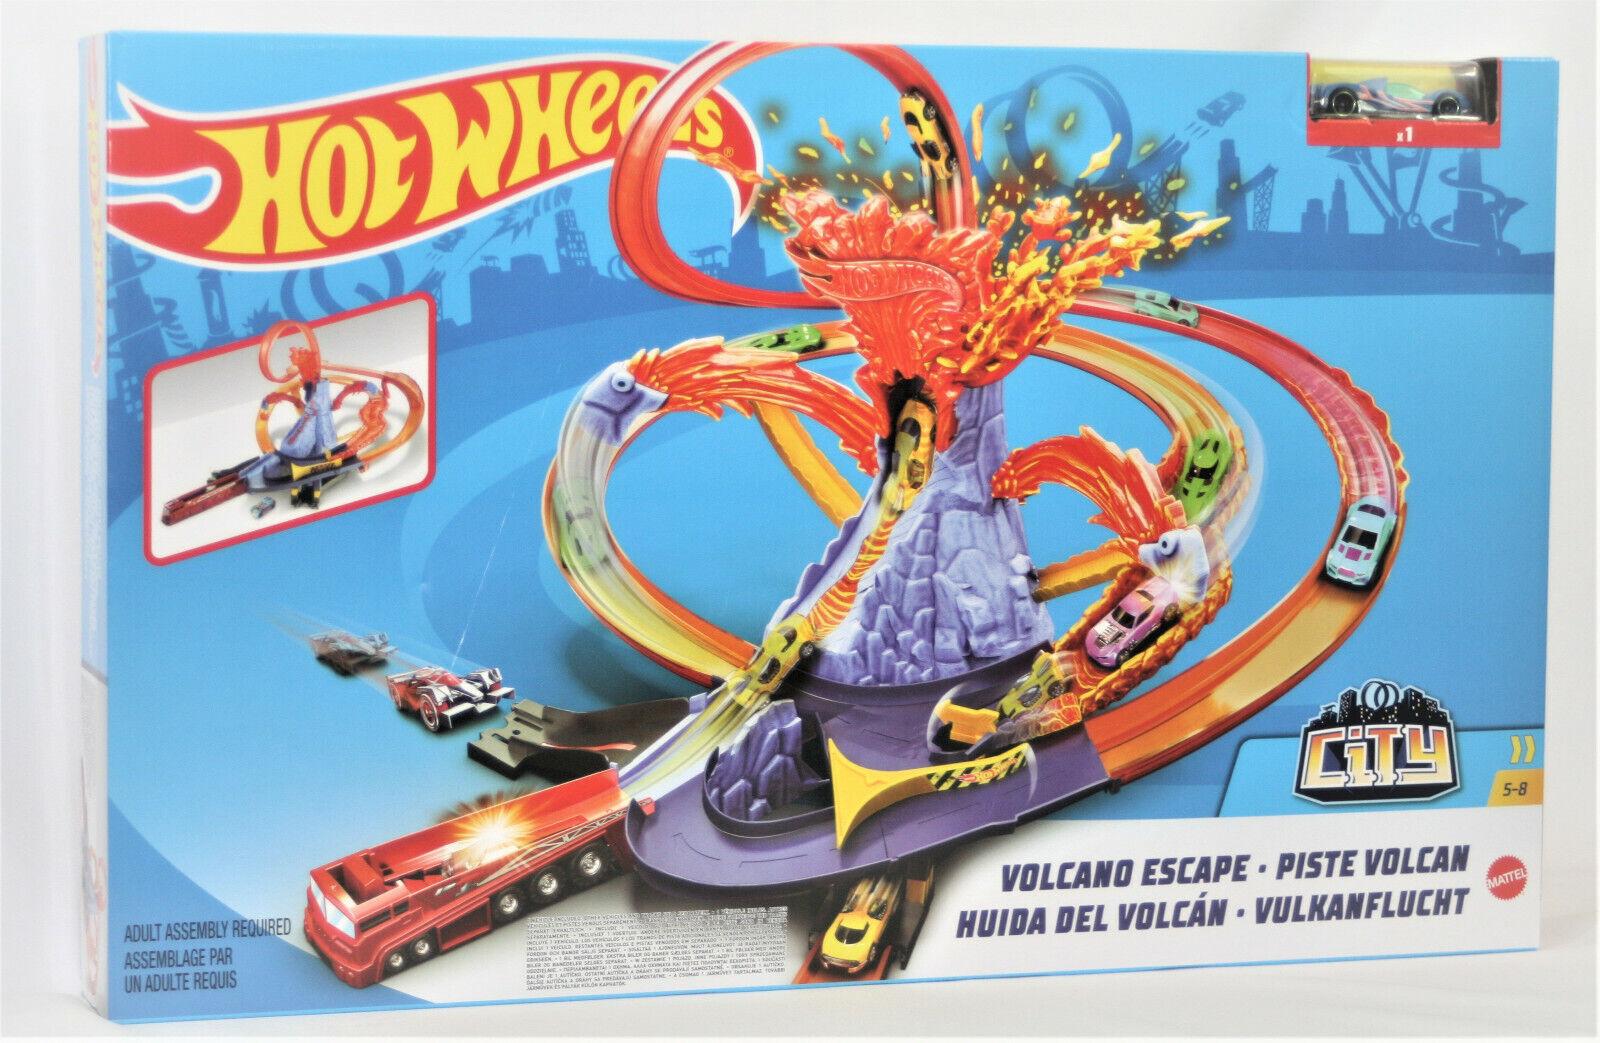 Hot Wheels Vulkanflucht, Hot Wheels Bahn mit Auto, Hot Wheels Spielset